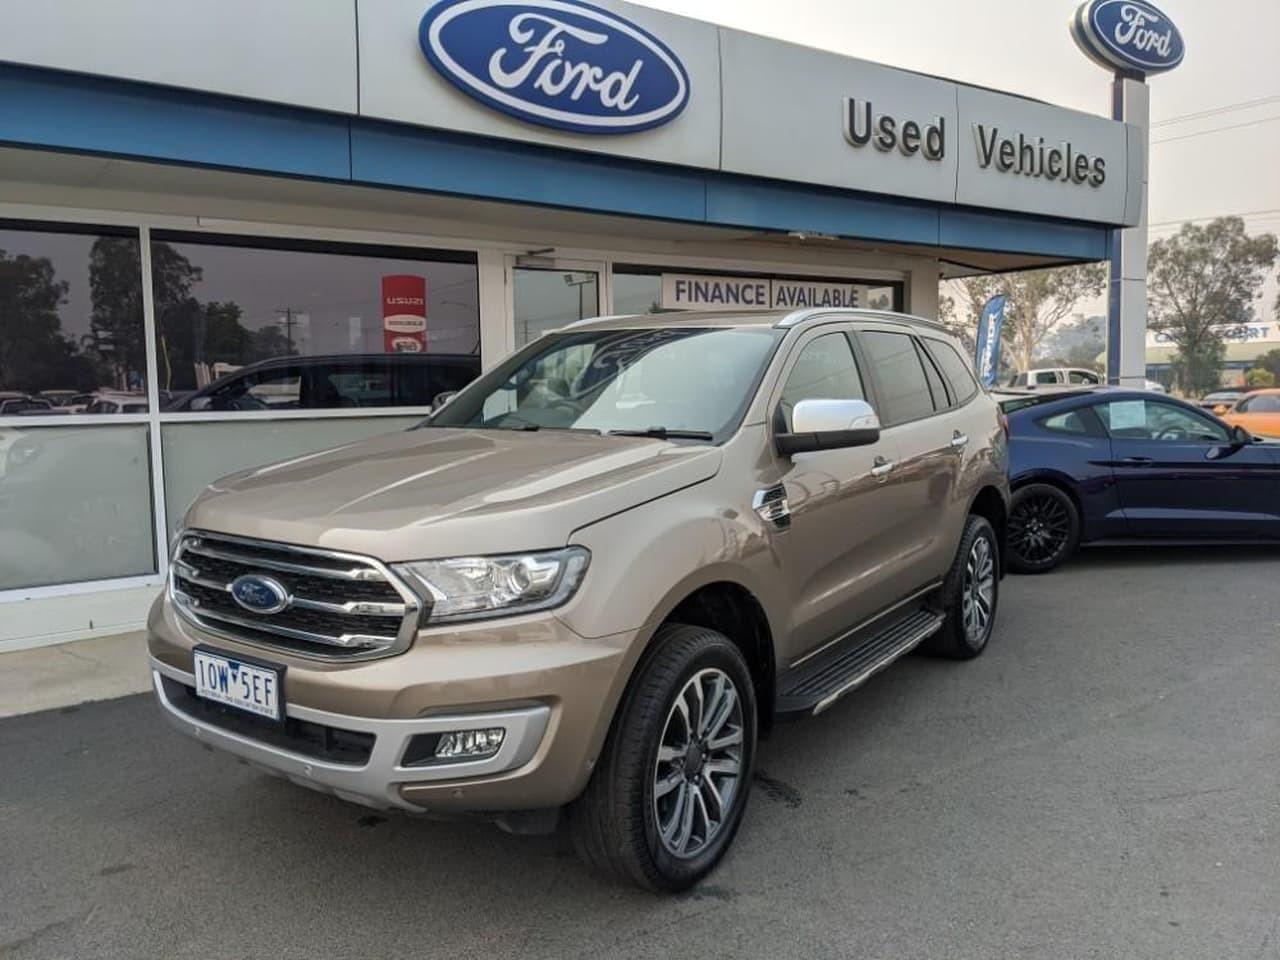 2019 Ford Everest UA II 2019.00MY TITANIUM Suv